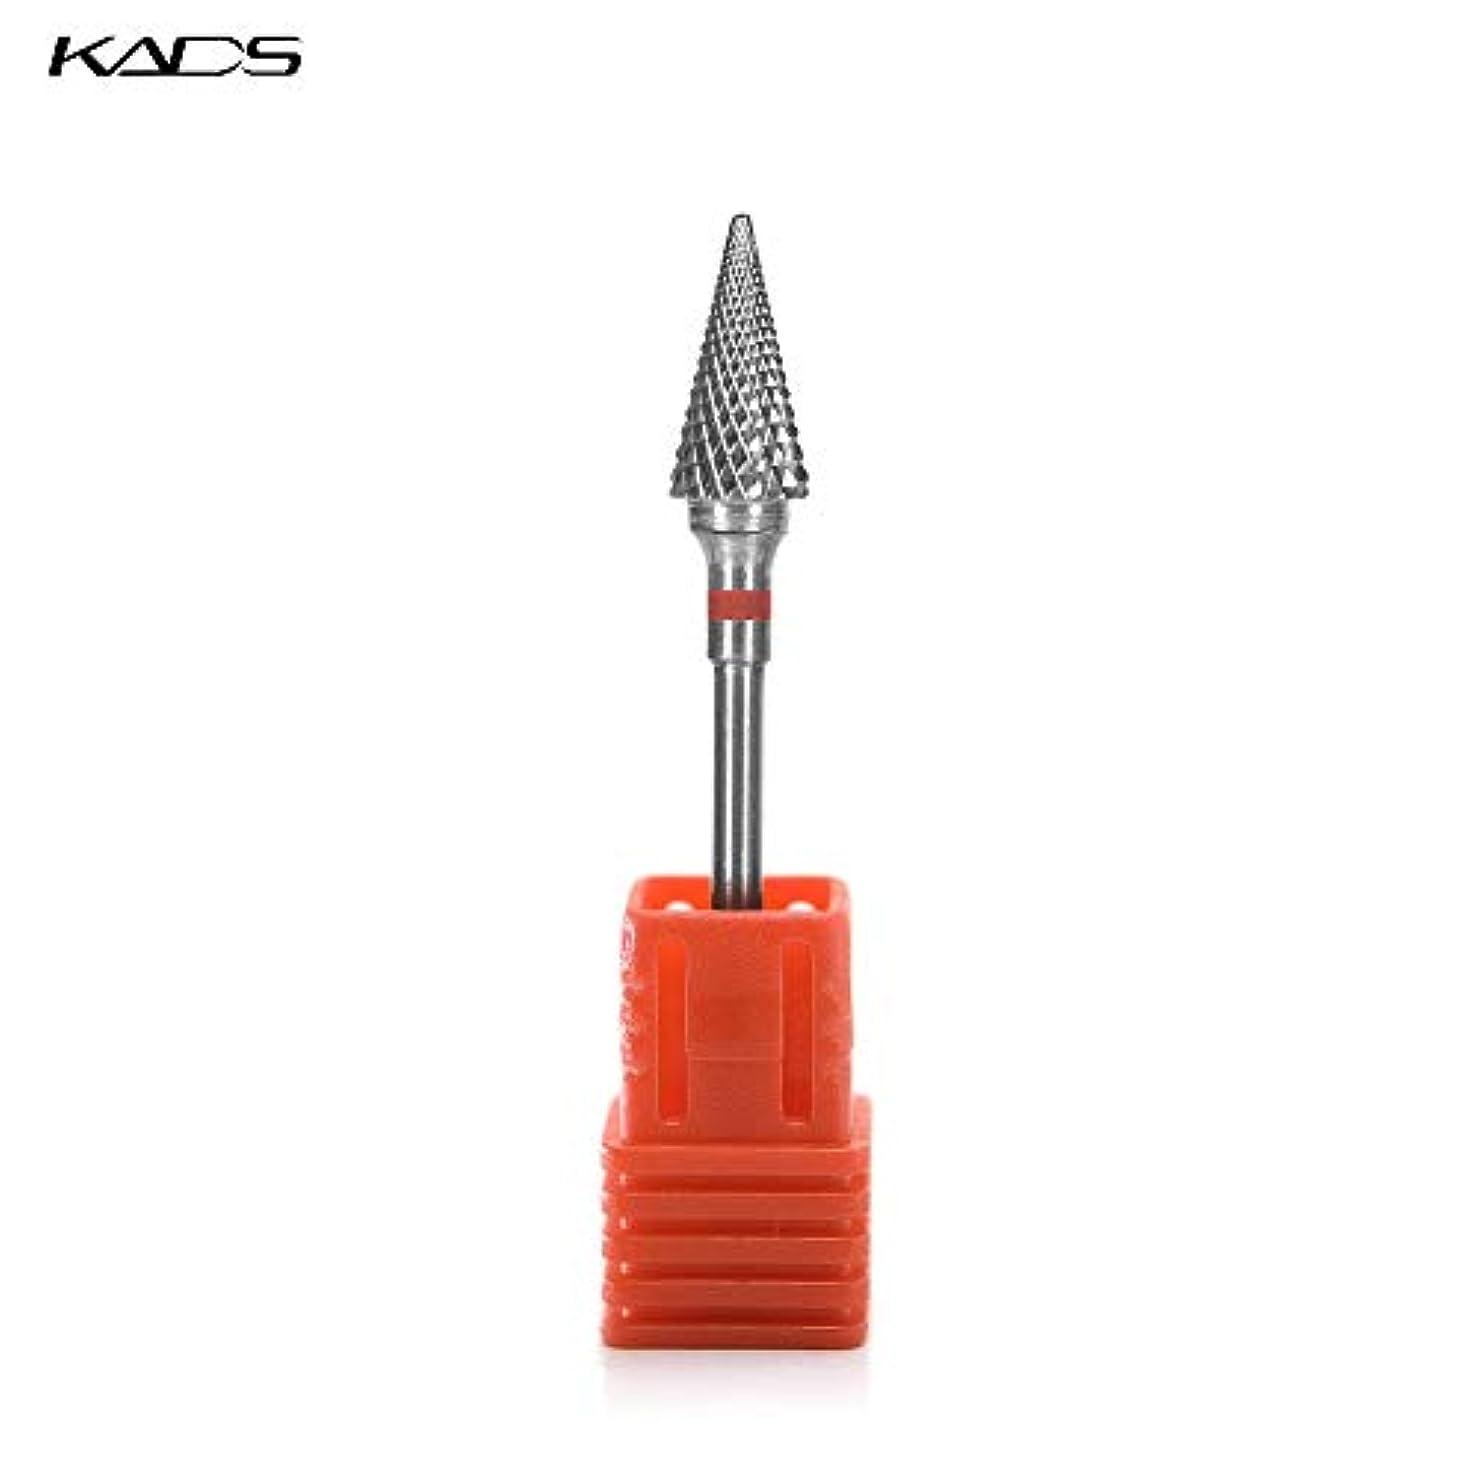 強います降伏困難KADS ネイルドリルビット 研削ヘッド 研磨ヘッド 耐摩耗性 耐腐食性 高硬度 (F)